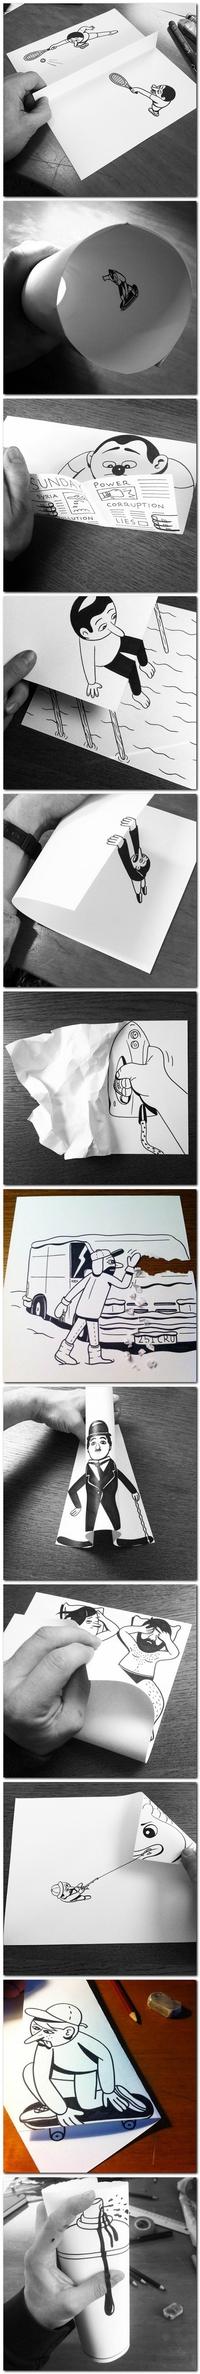 Série de dessins